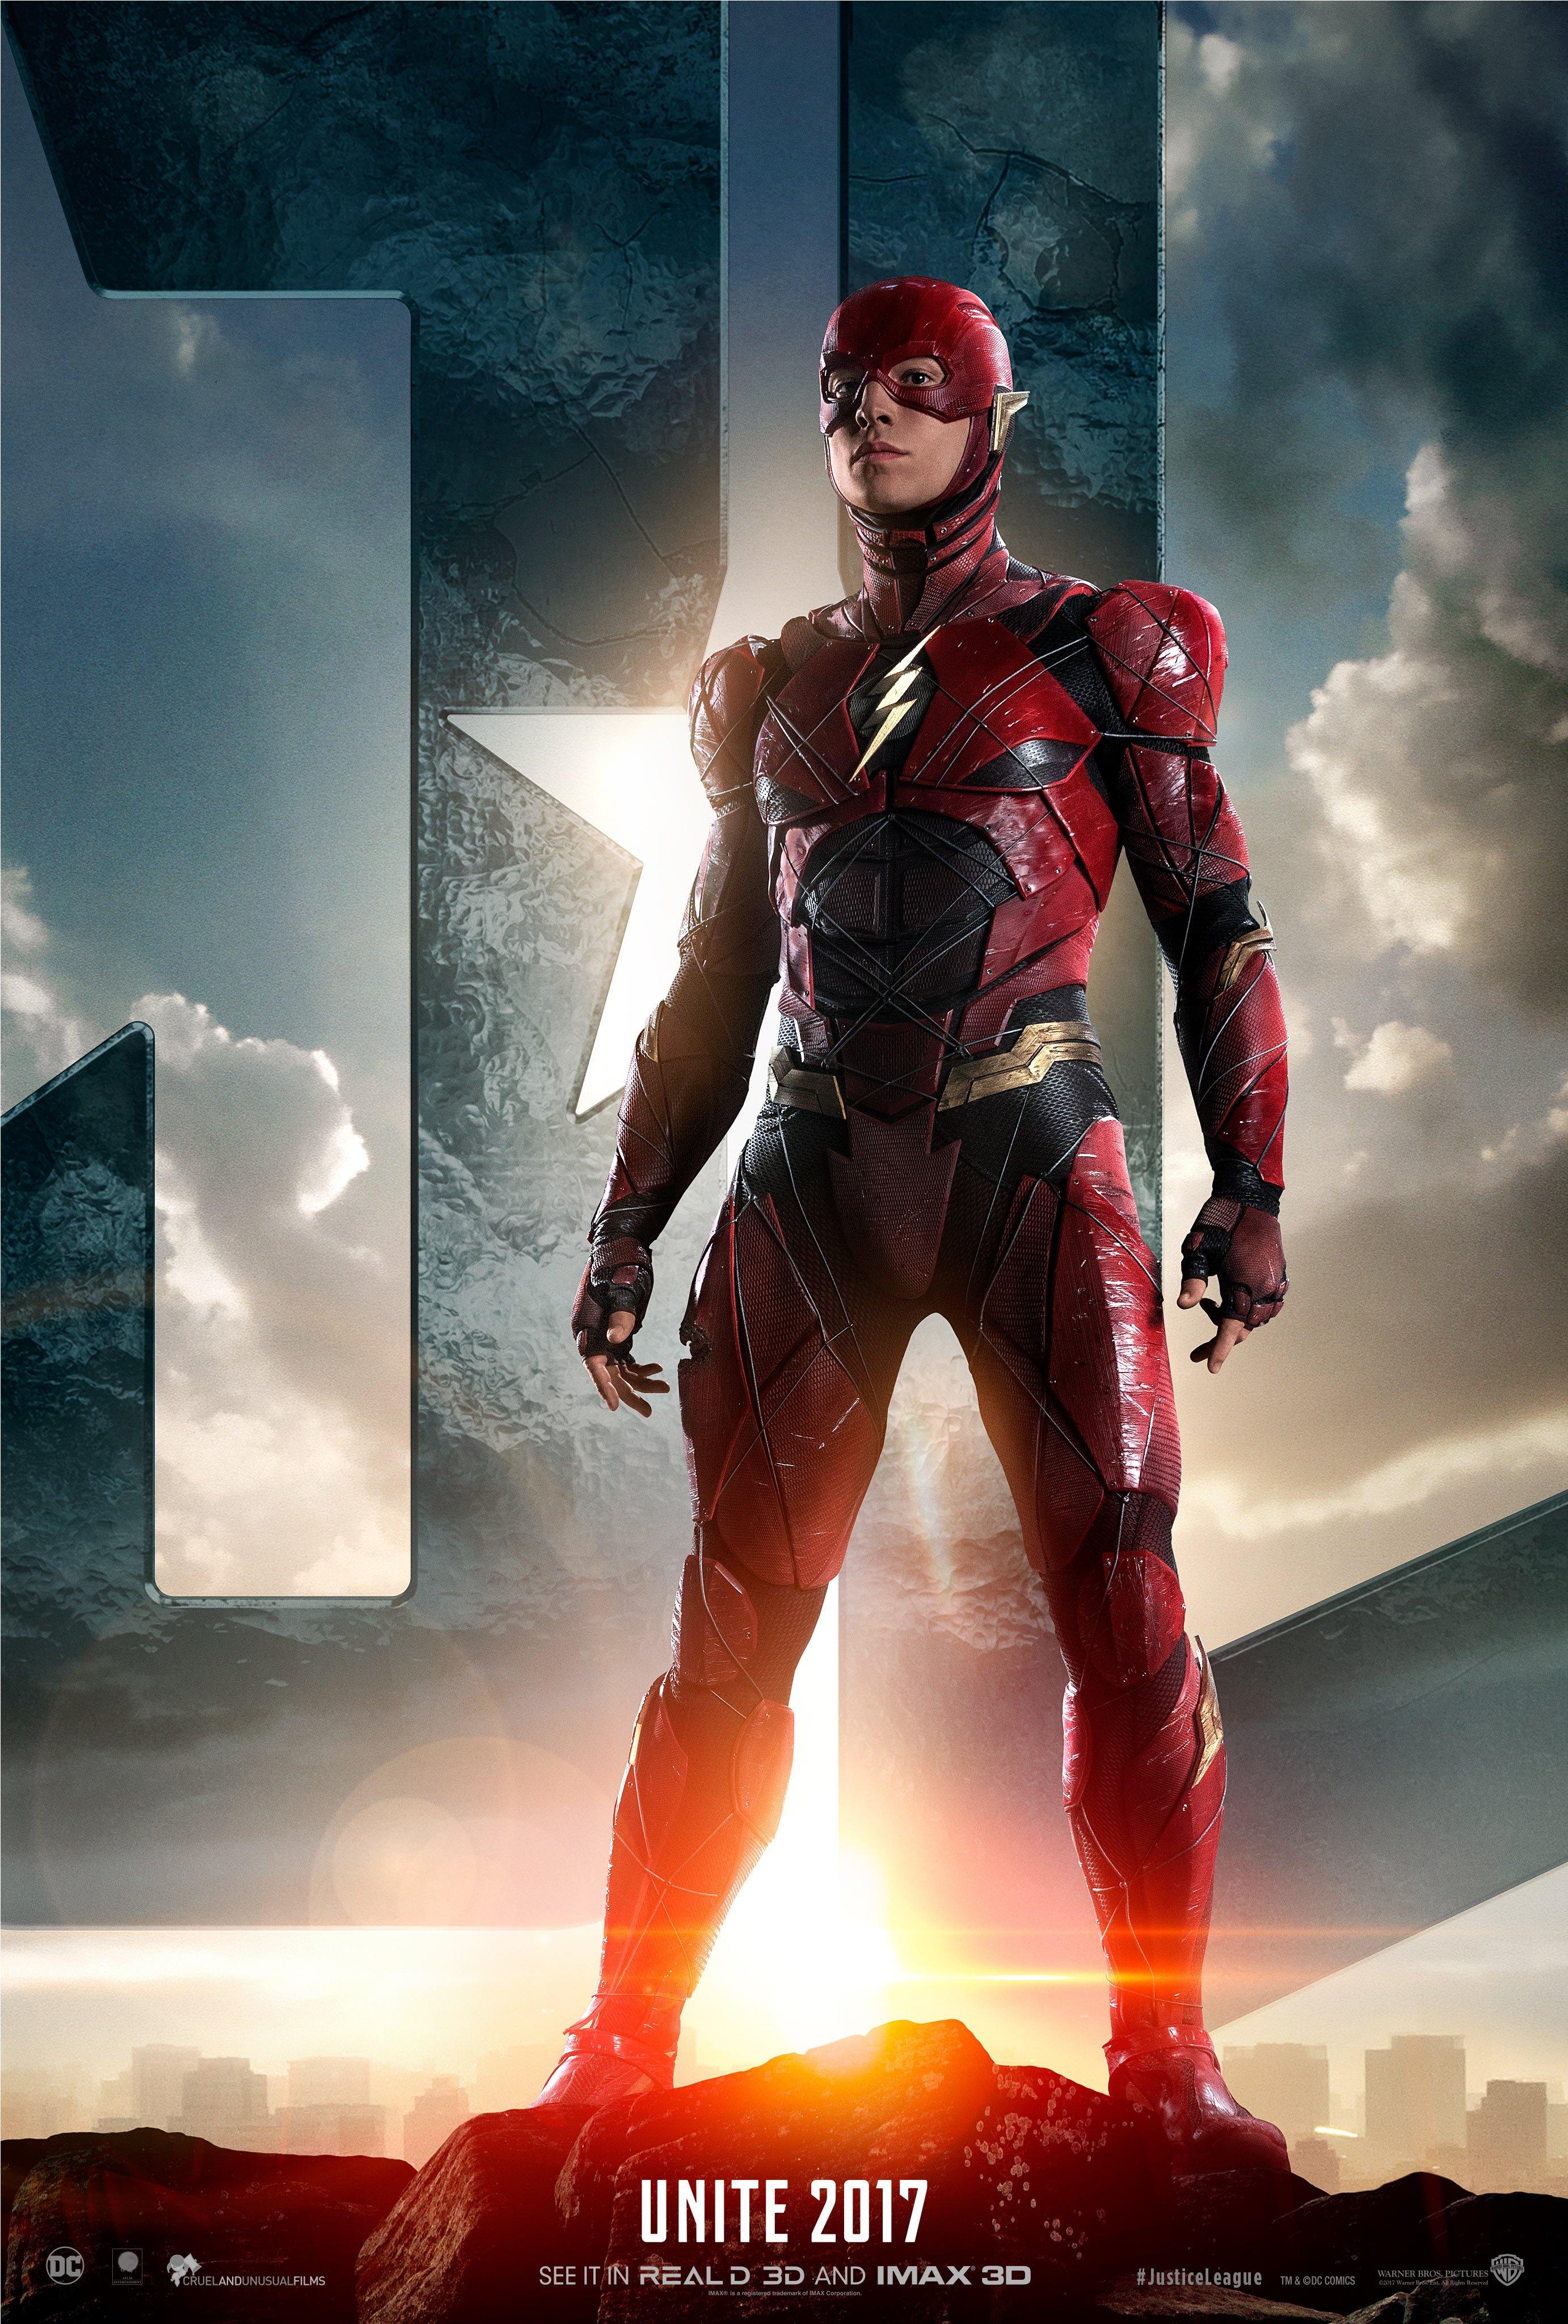 Résultats Google Recherche d'images correspondant à http://images6.fanpop.com/image/photos/40300000/Justice-League-2017-Poster-Ezra-Miller-as-The-Flash-justice-league-movie-40311304-2764-4096.jpg